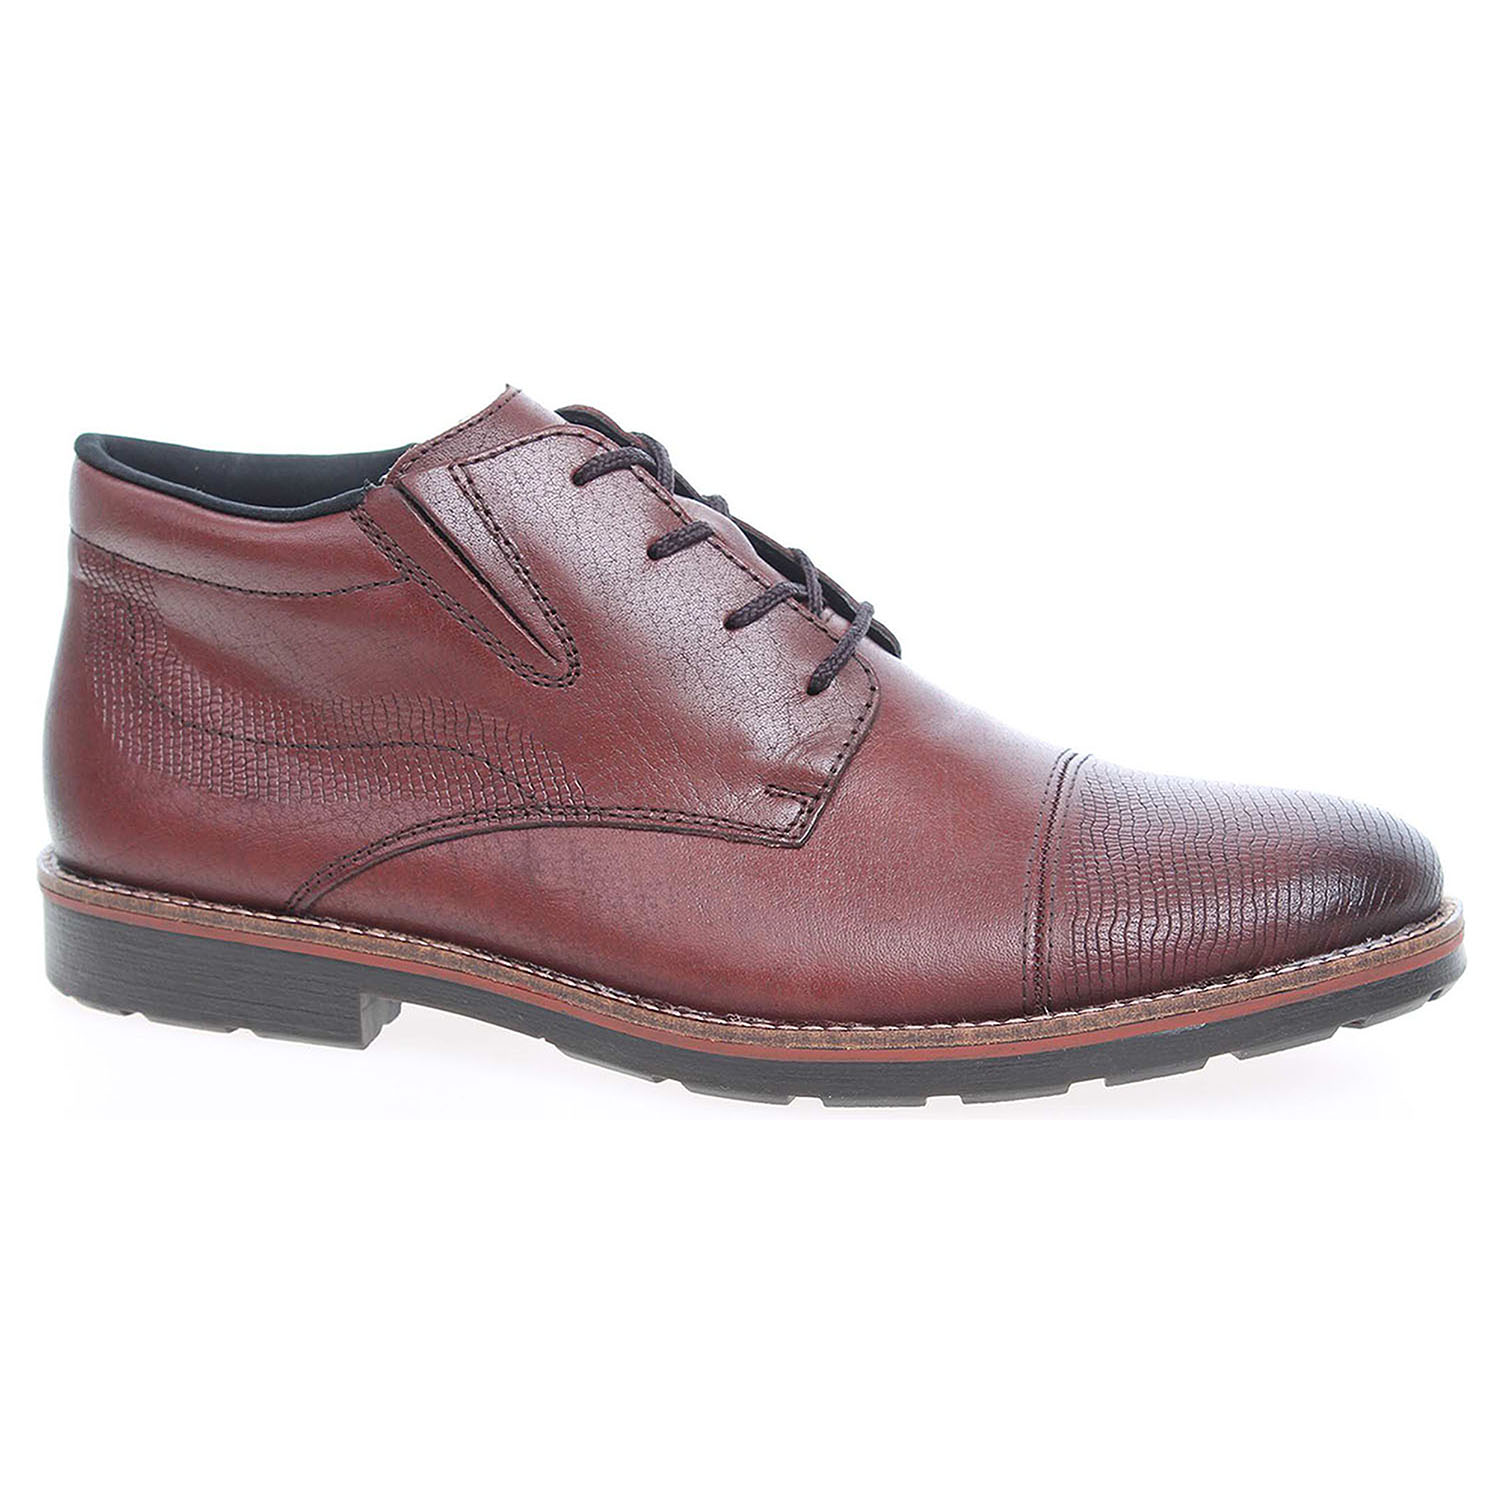 Pánská kotníková obuv Rieker 15341-25 hnědé 46